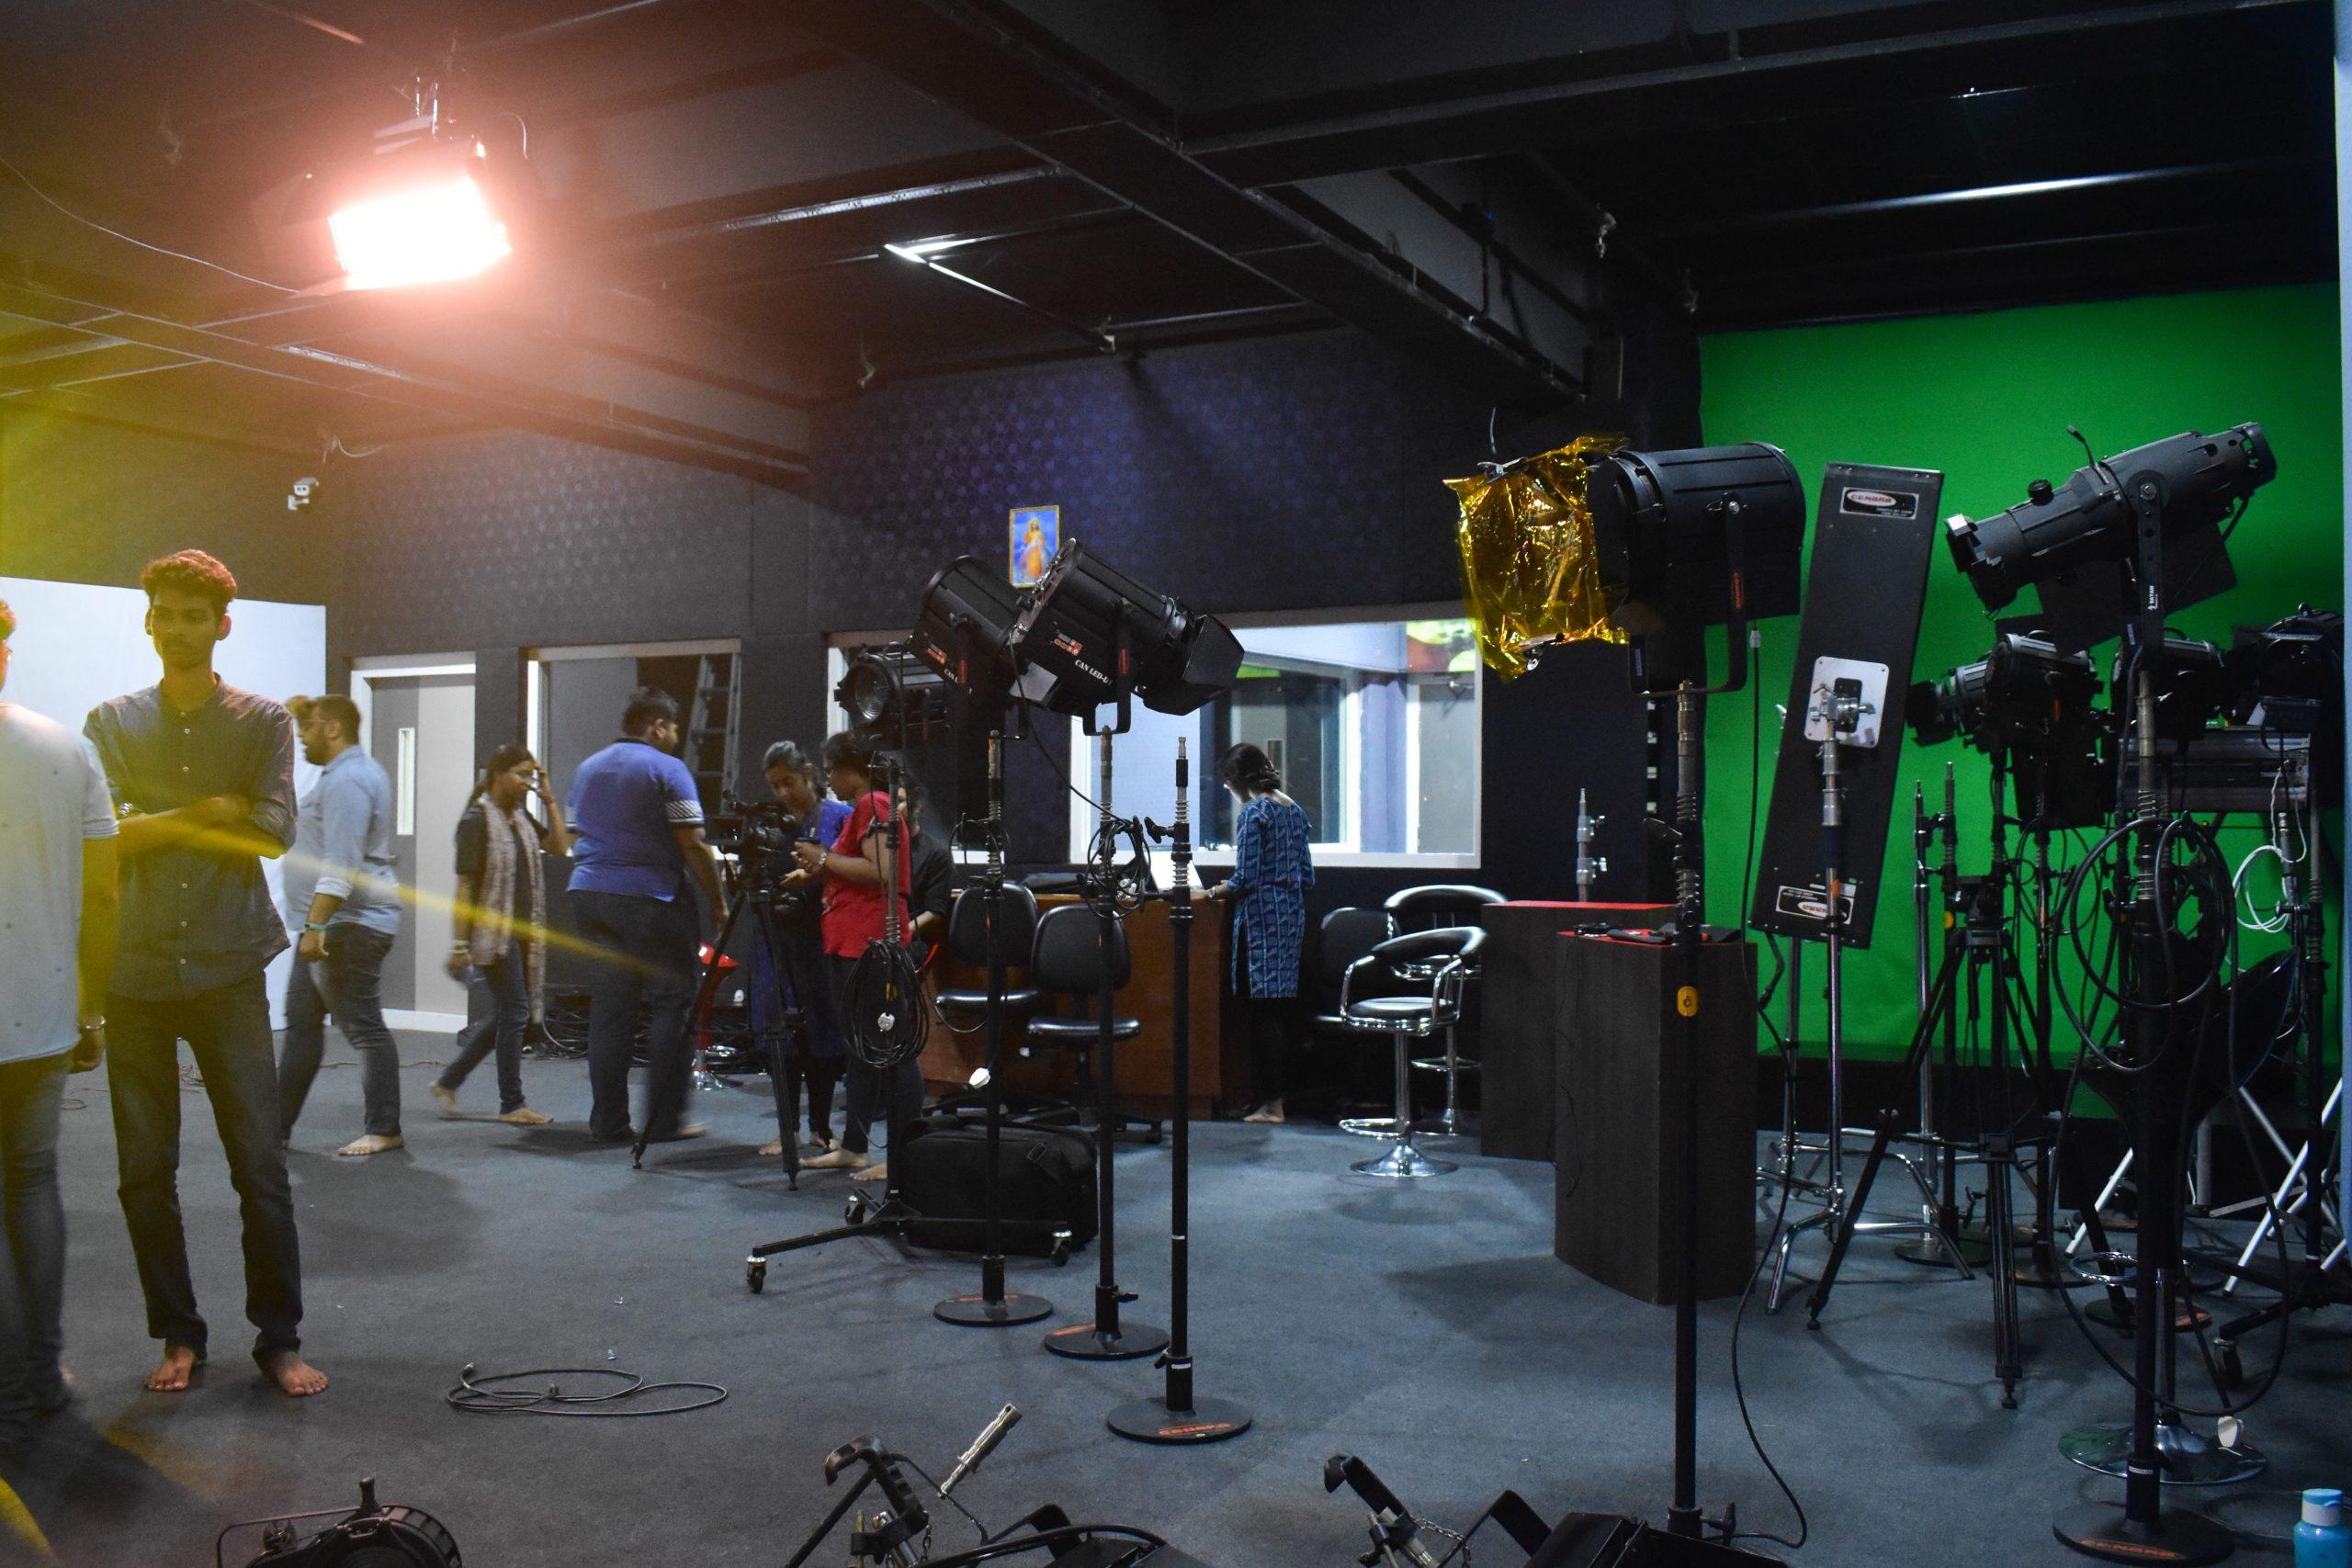 xcomm studio gallery 7